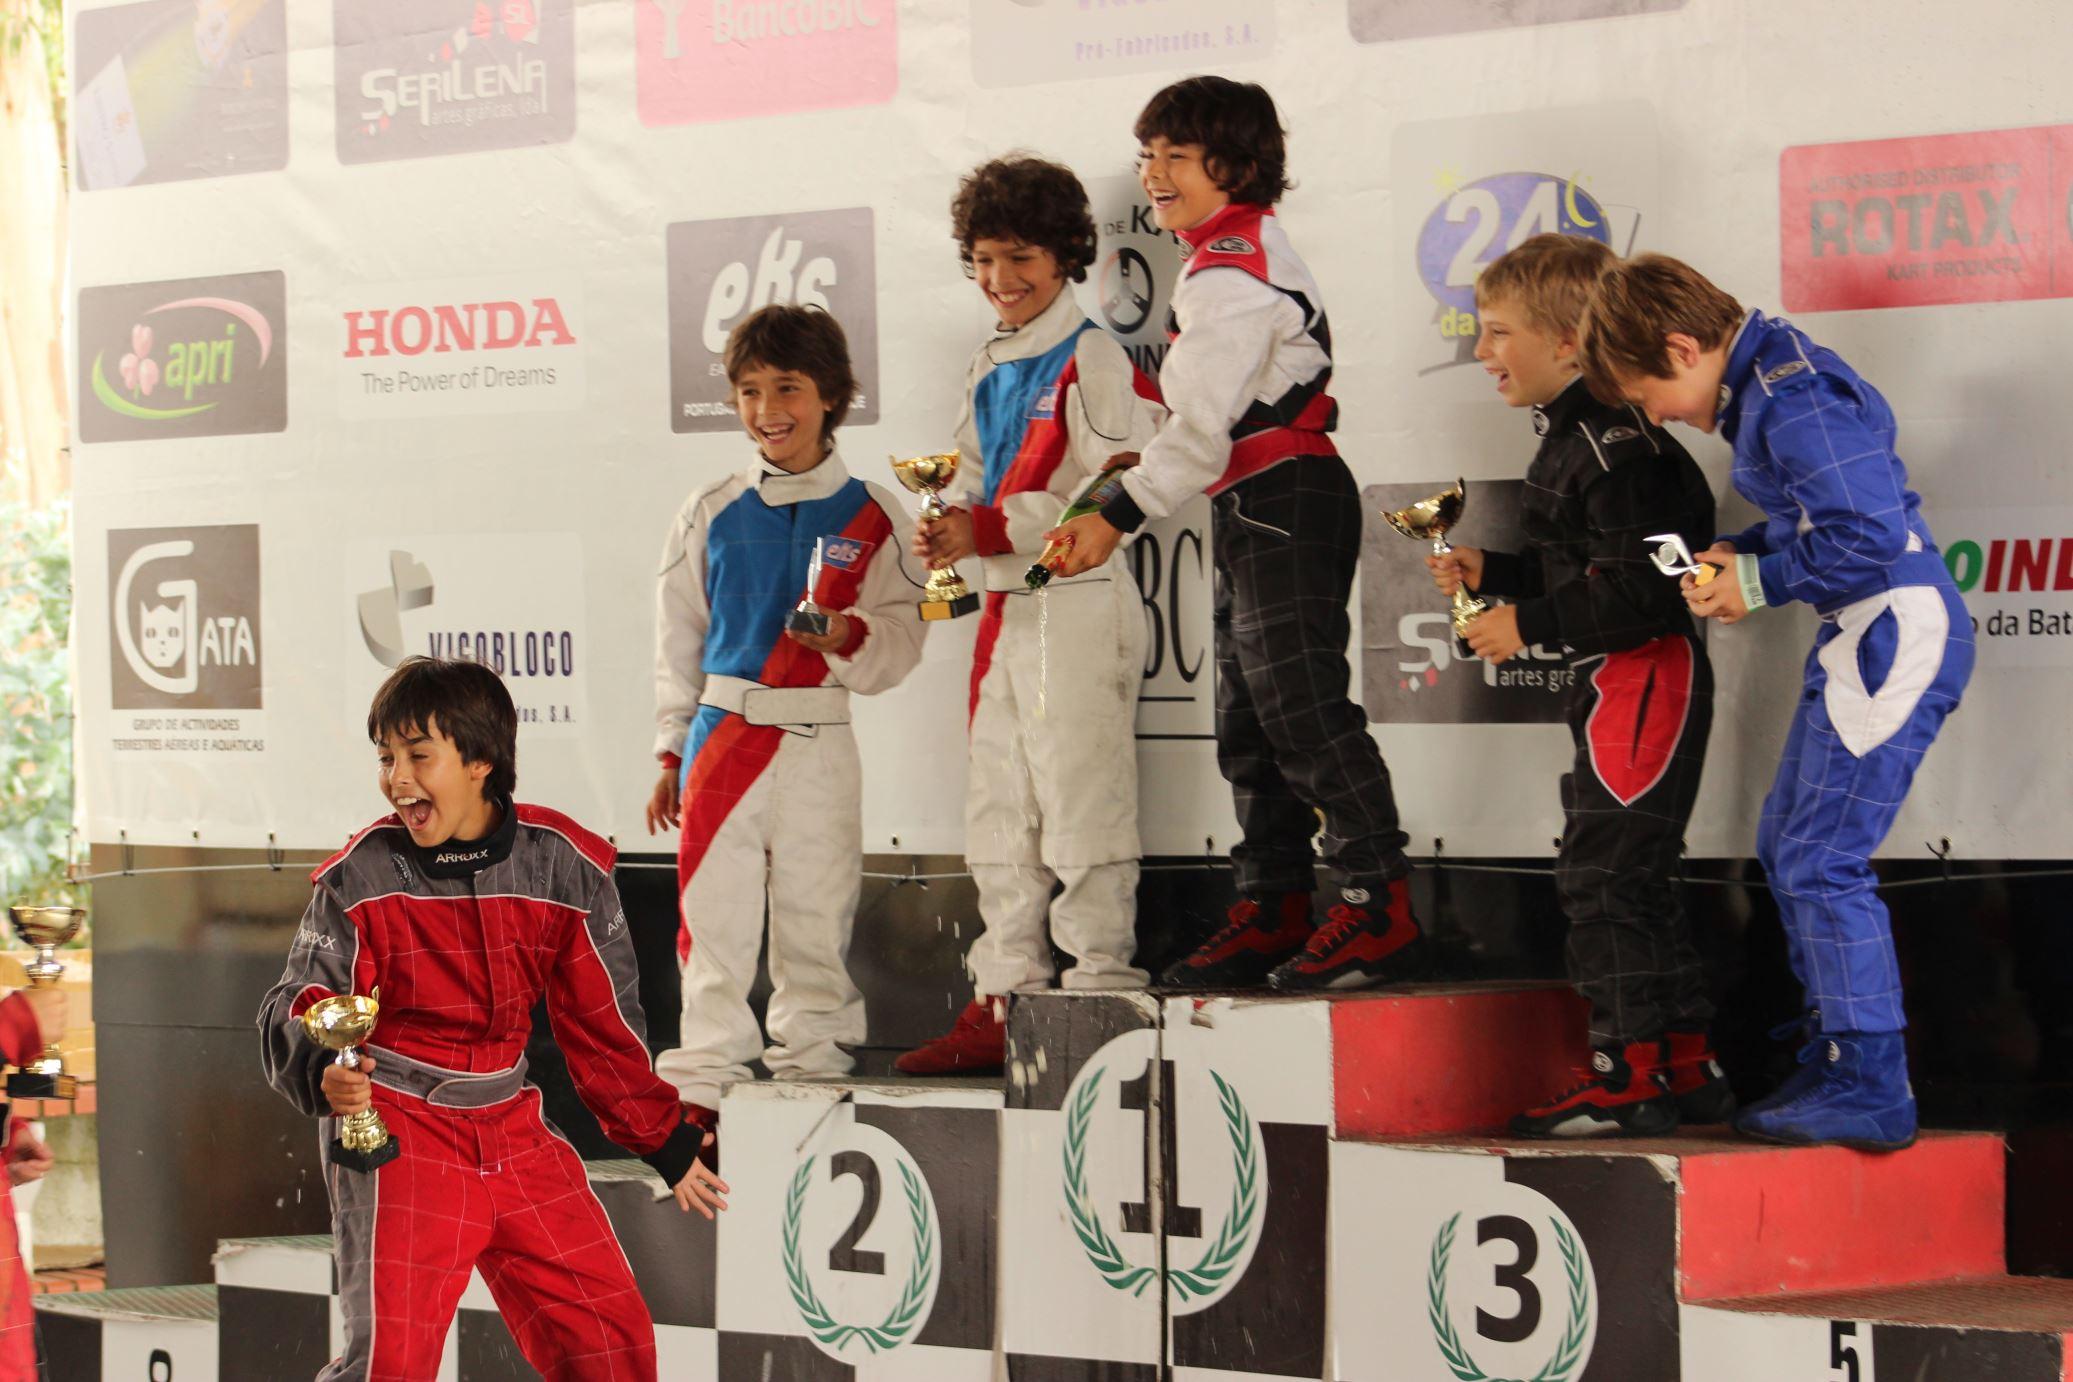 Troféu Honda 2014 - 2ª Prova191